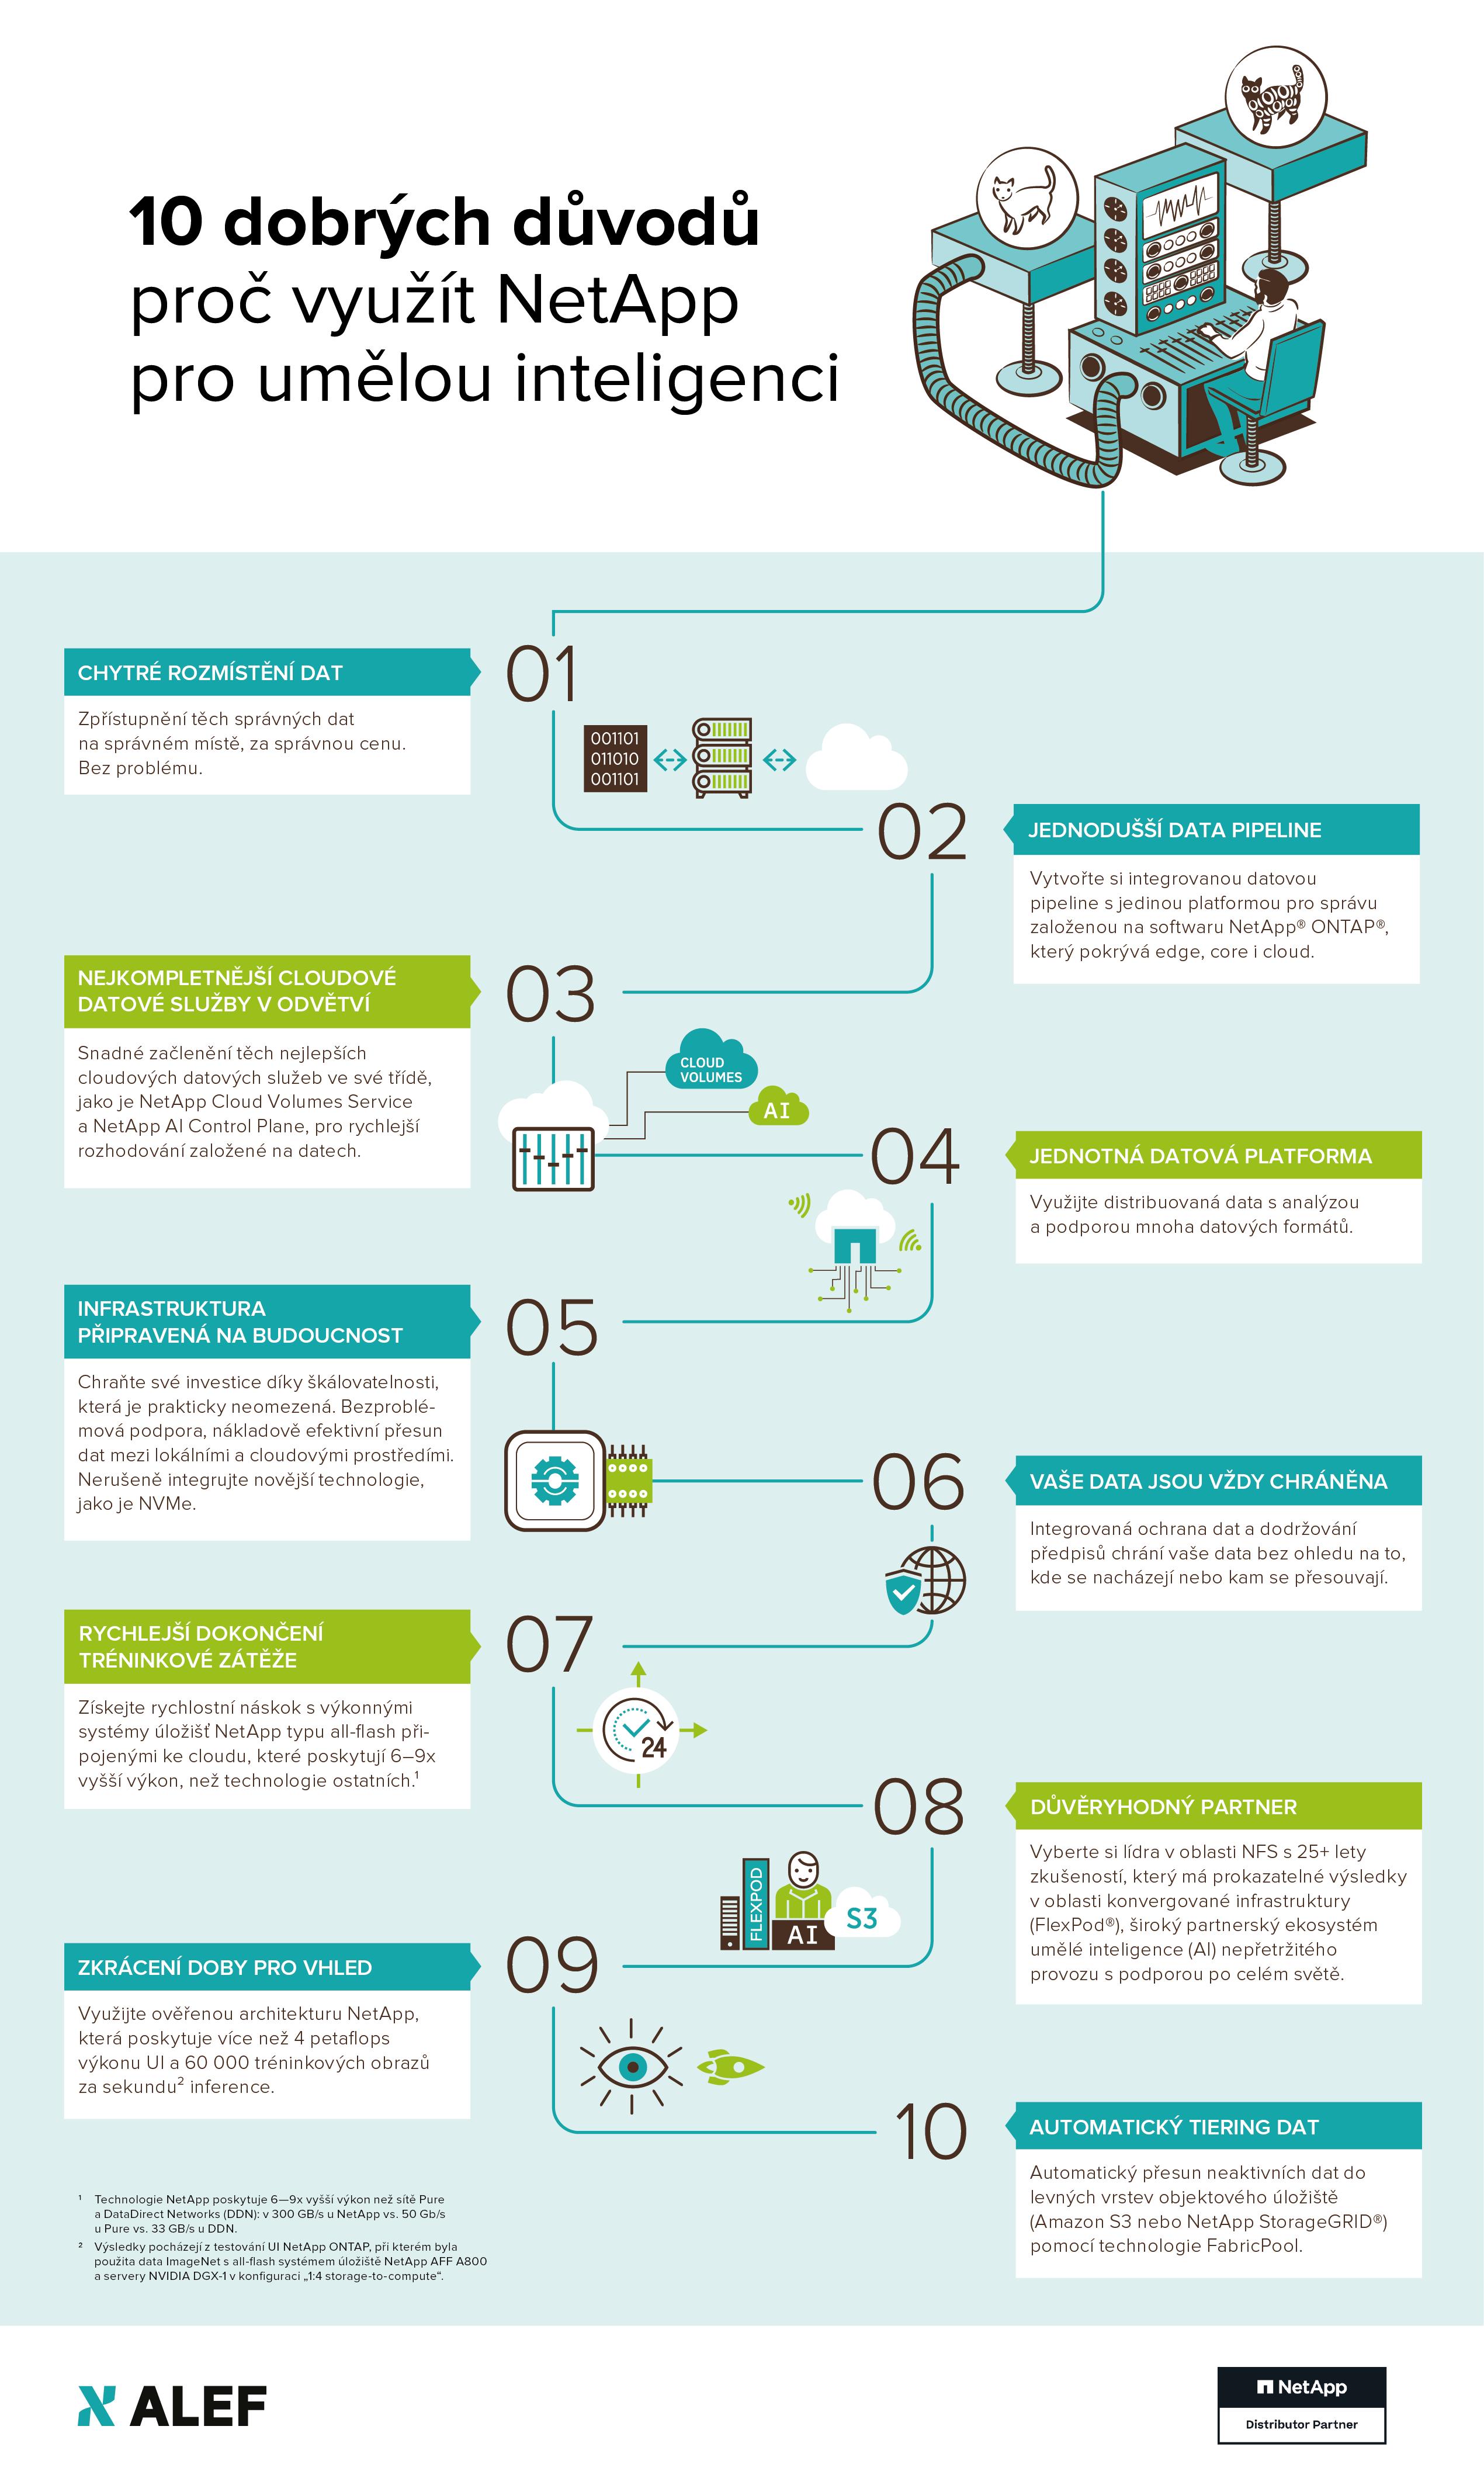 10 důvodů proč NetApp